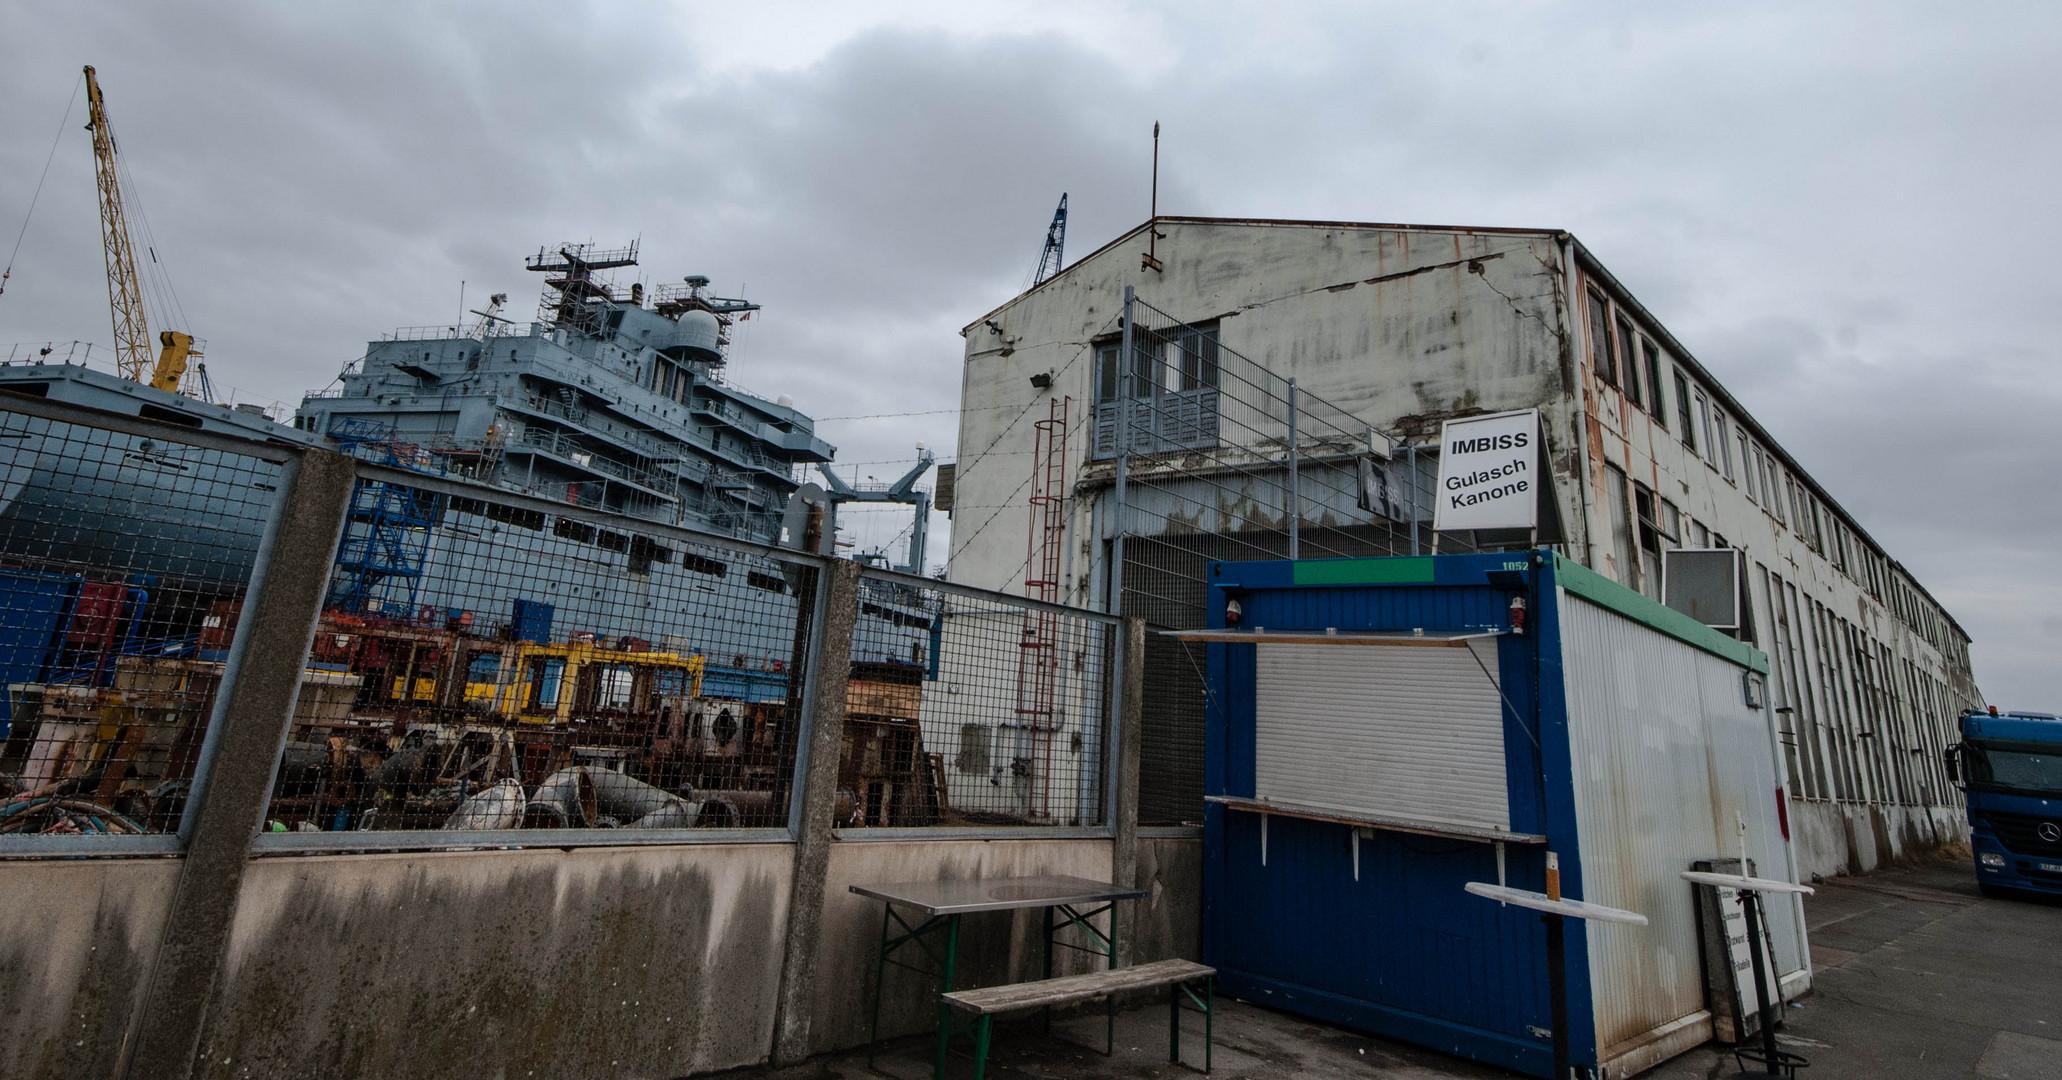 Kanonen auf einer Hamburger Werft